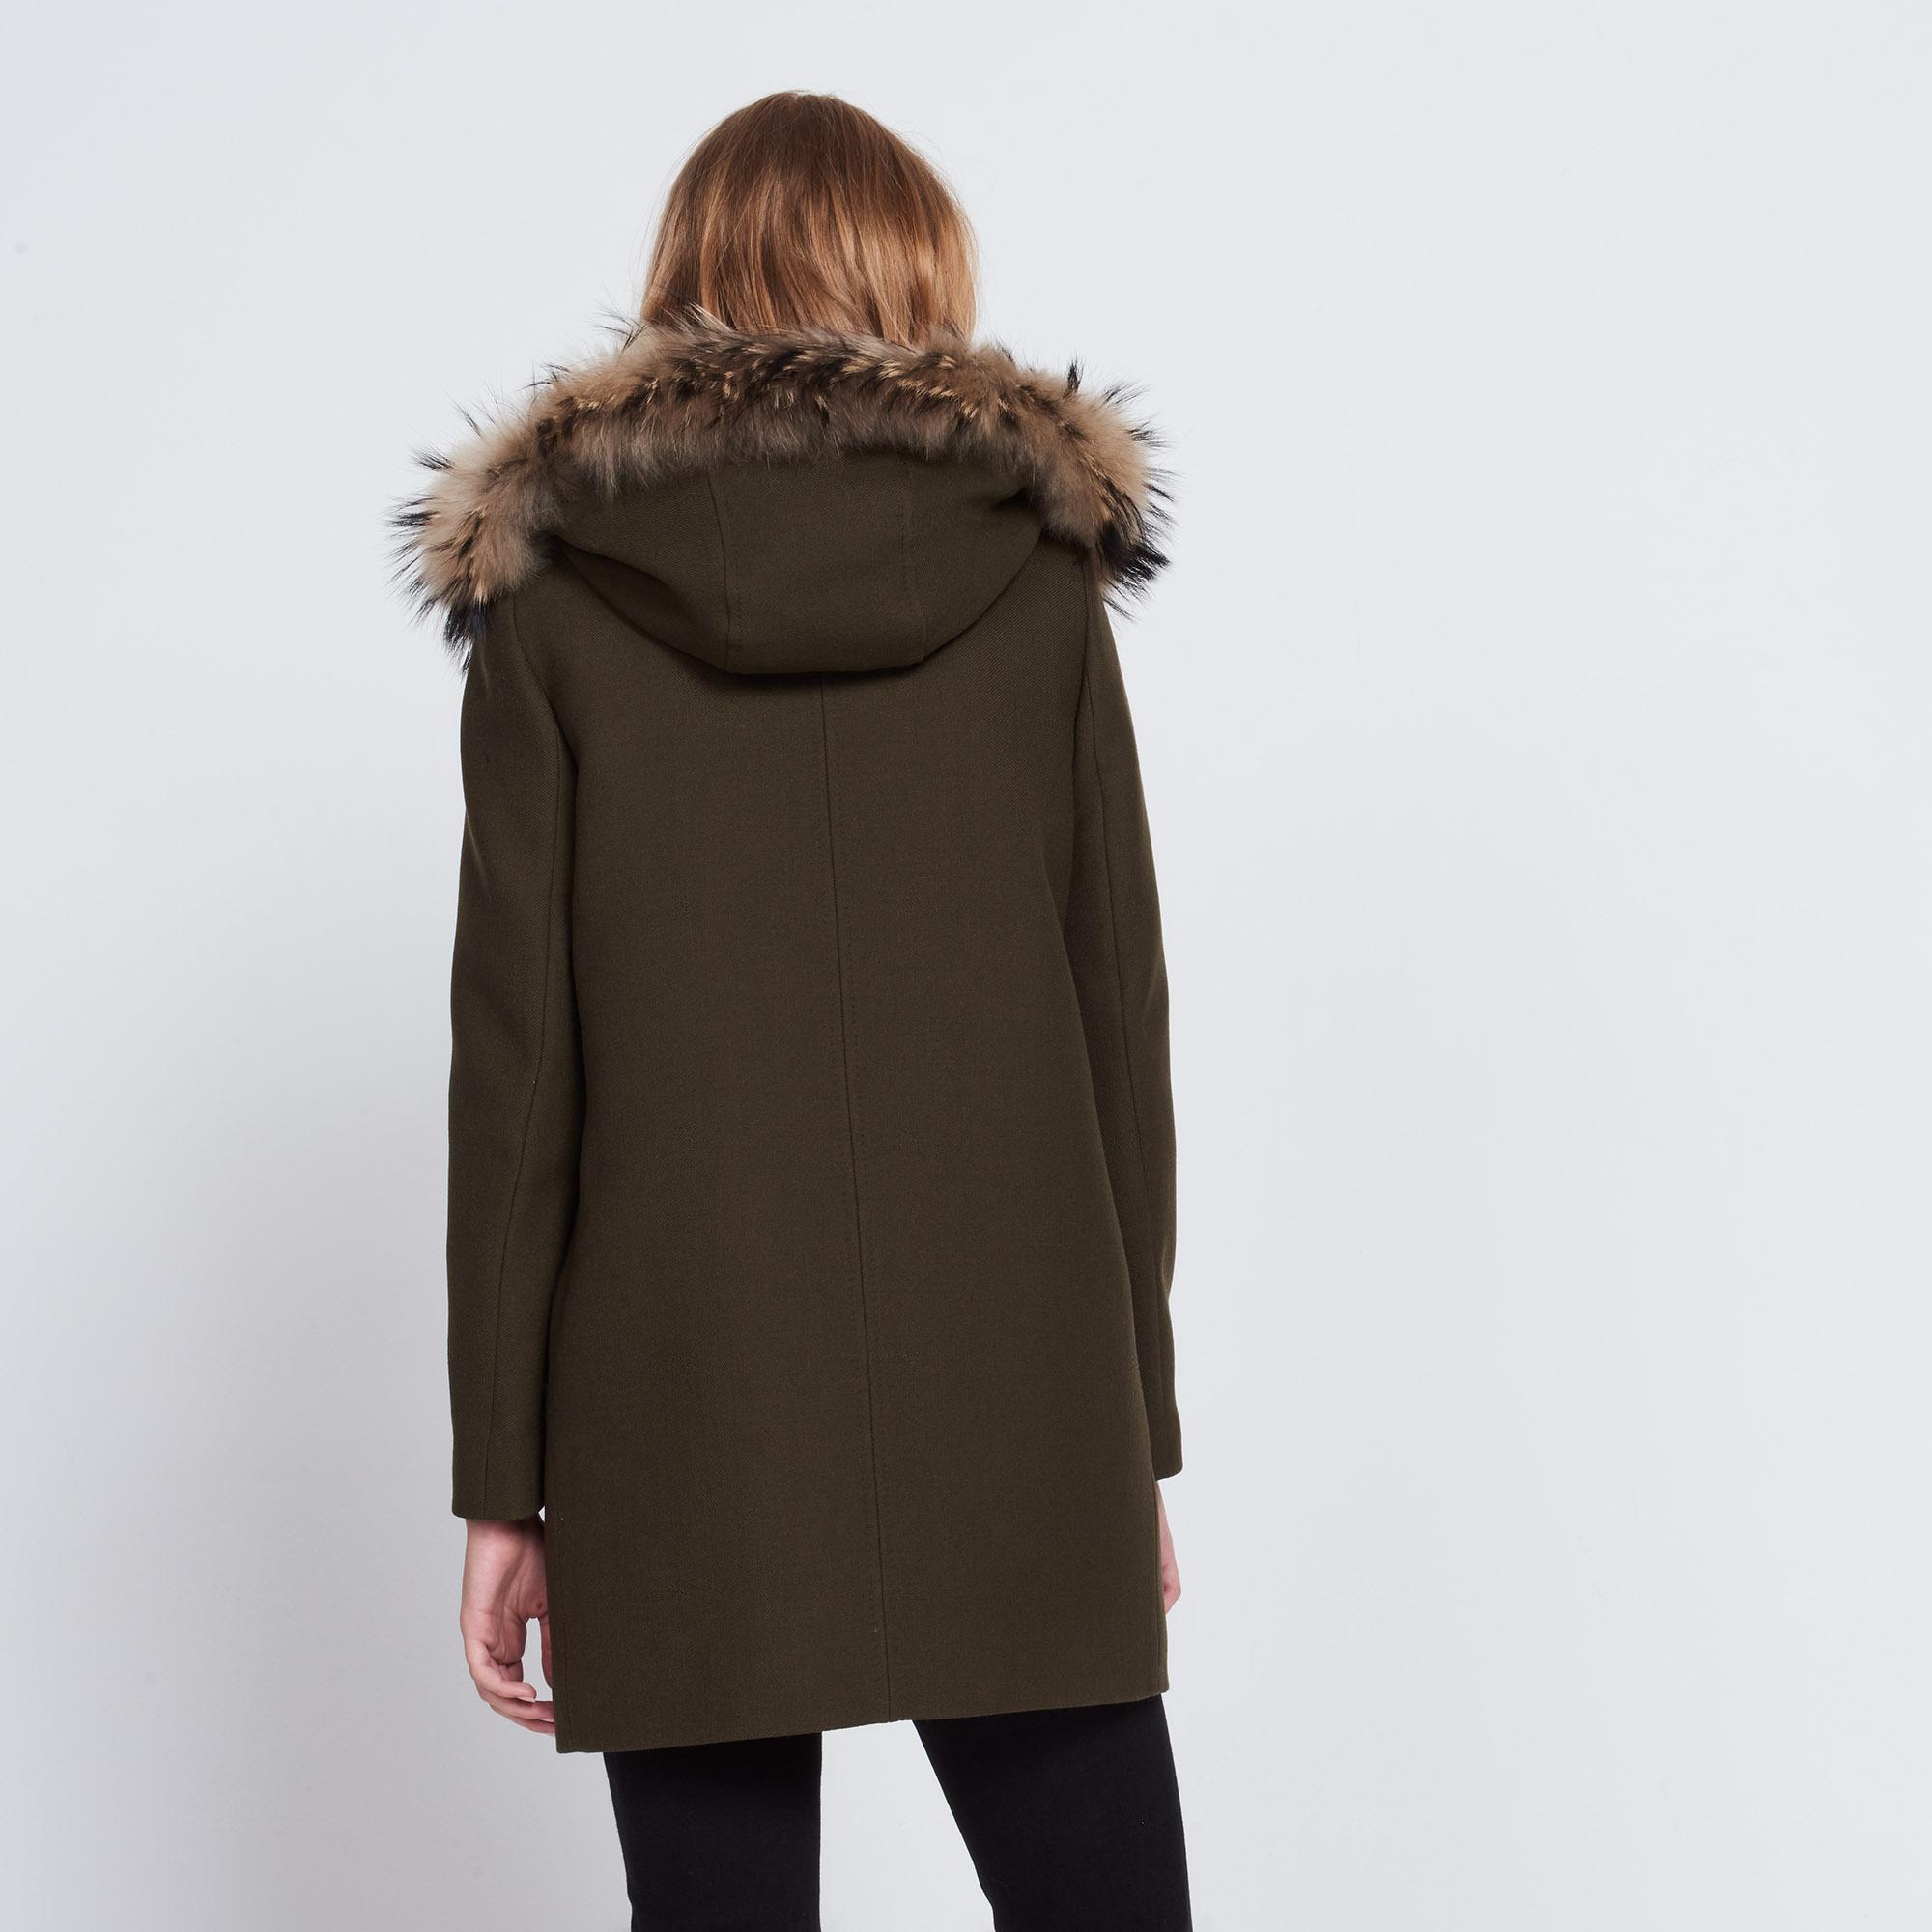 Woollen coat with fur hood - Coats - Sandro-paris.com